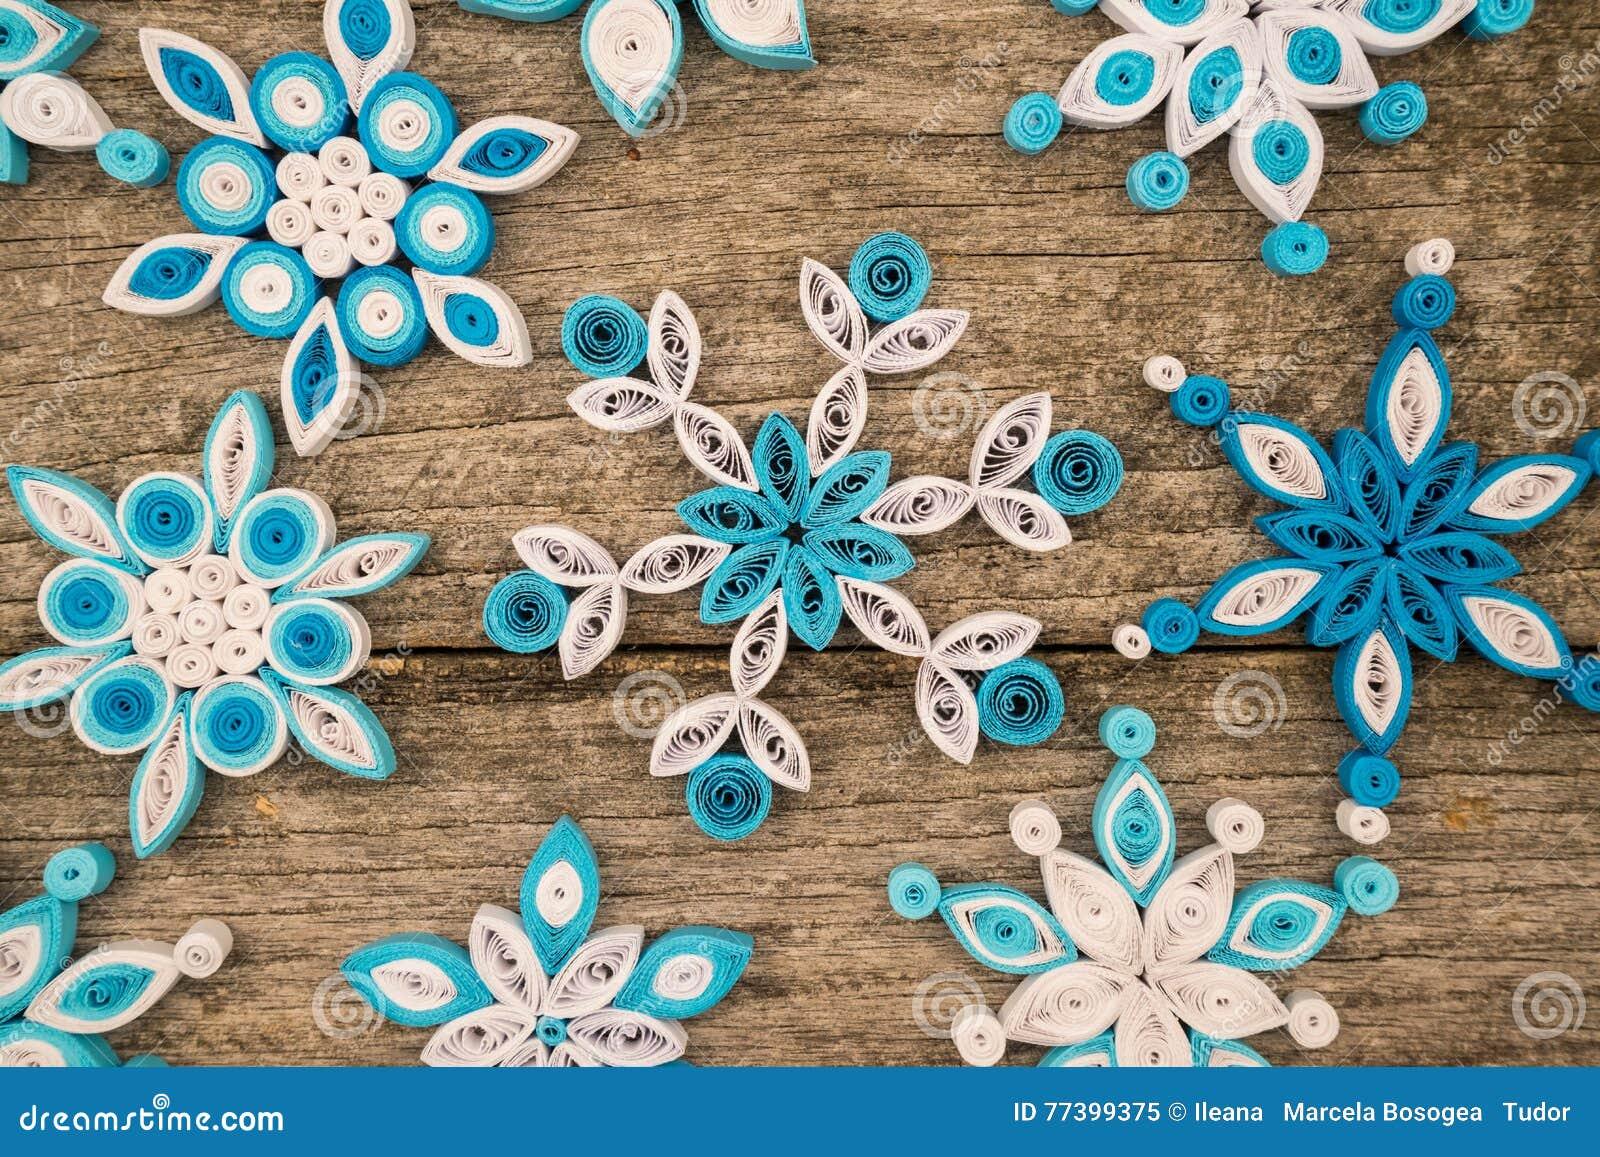 Fiocchi Di Neve Di Carta Modelli : Fiocchi di neve di carta fatti con la tecnica quilling immagine